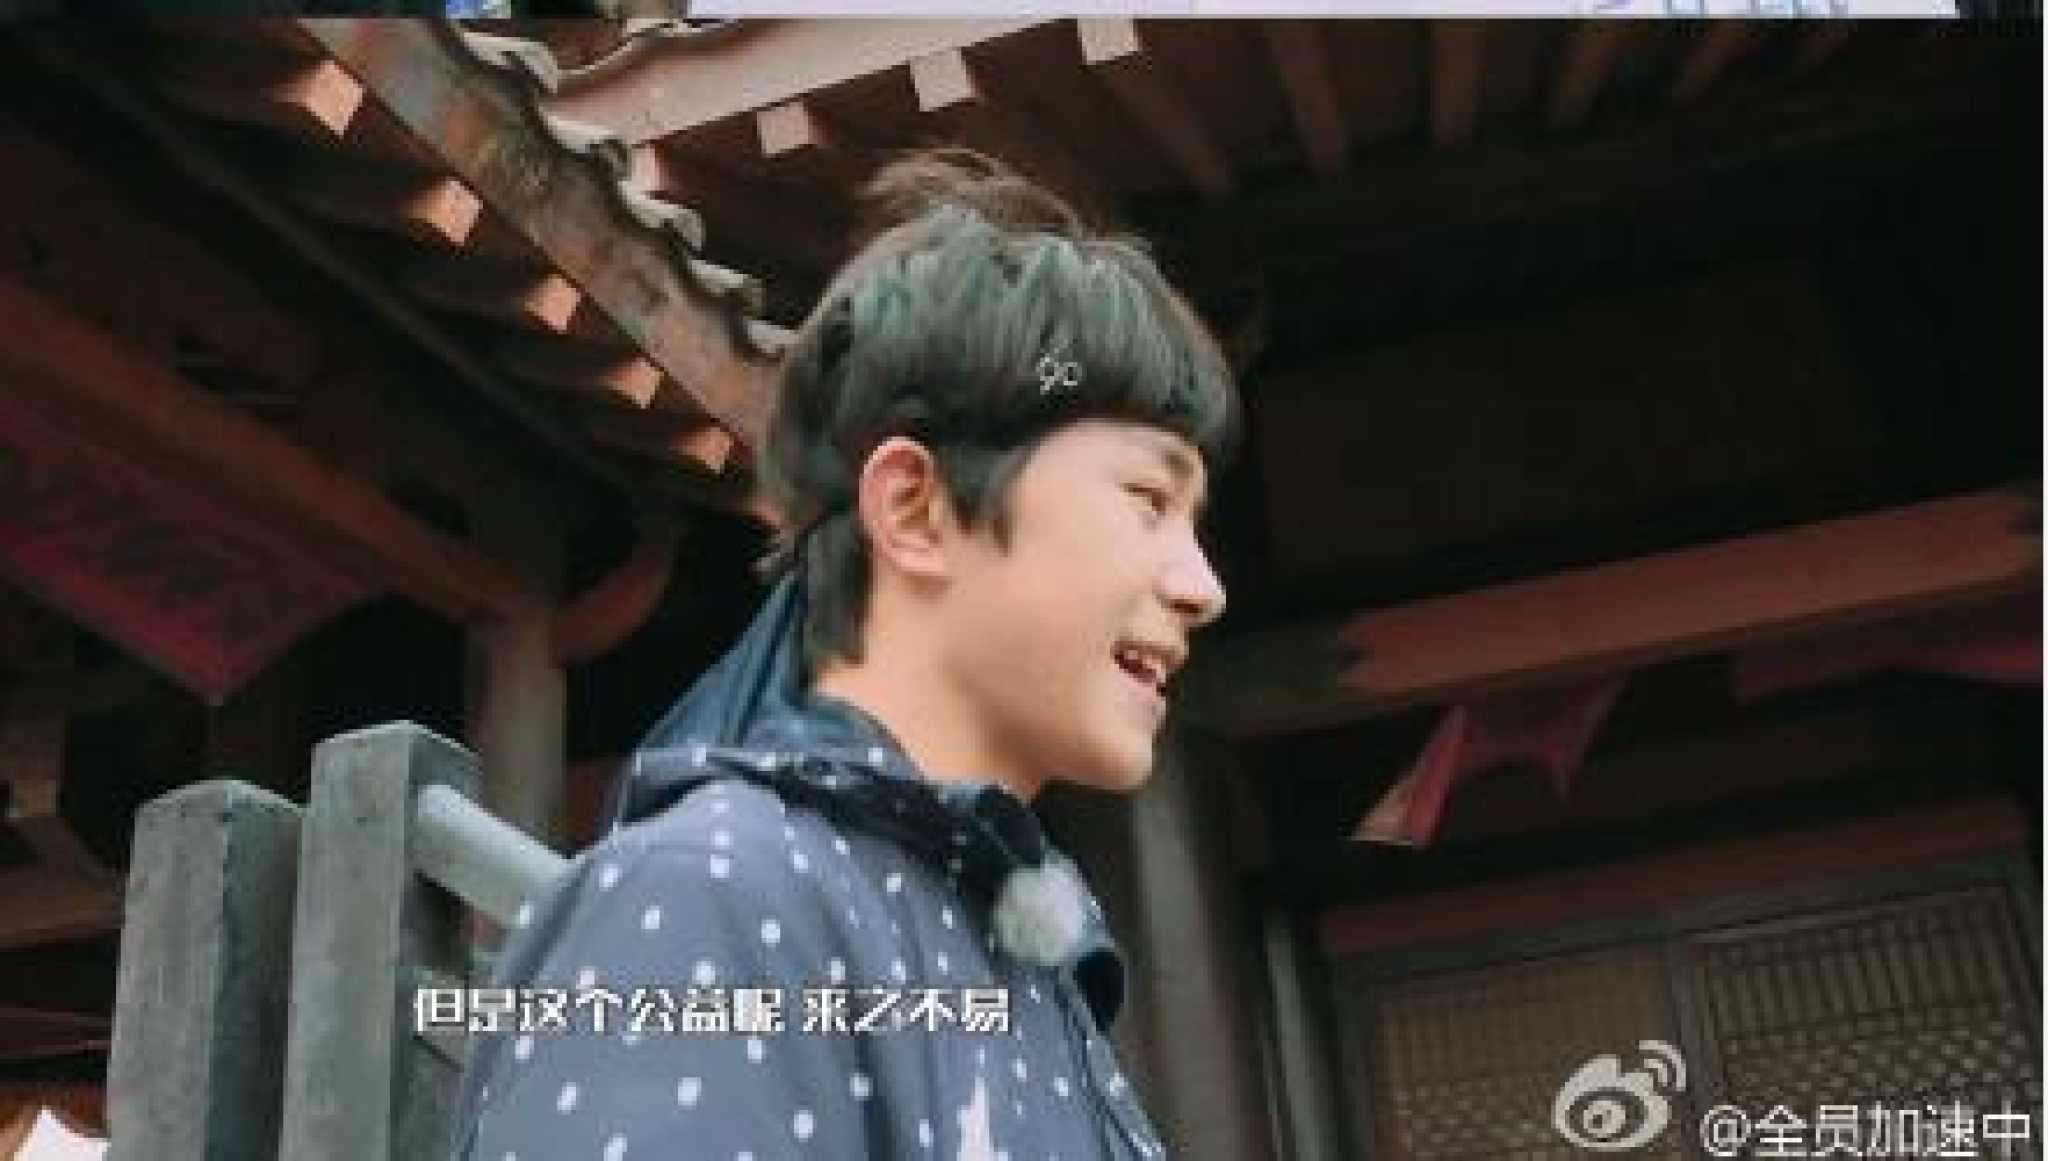 臧洪娜(共20人) 剧情演员 王益-徐海乔饰,小玉-成梓宁饰,白若-安以轩